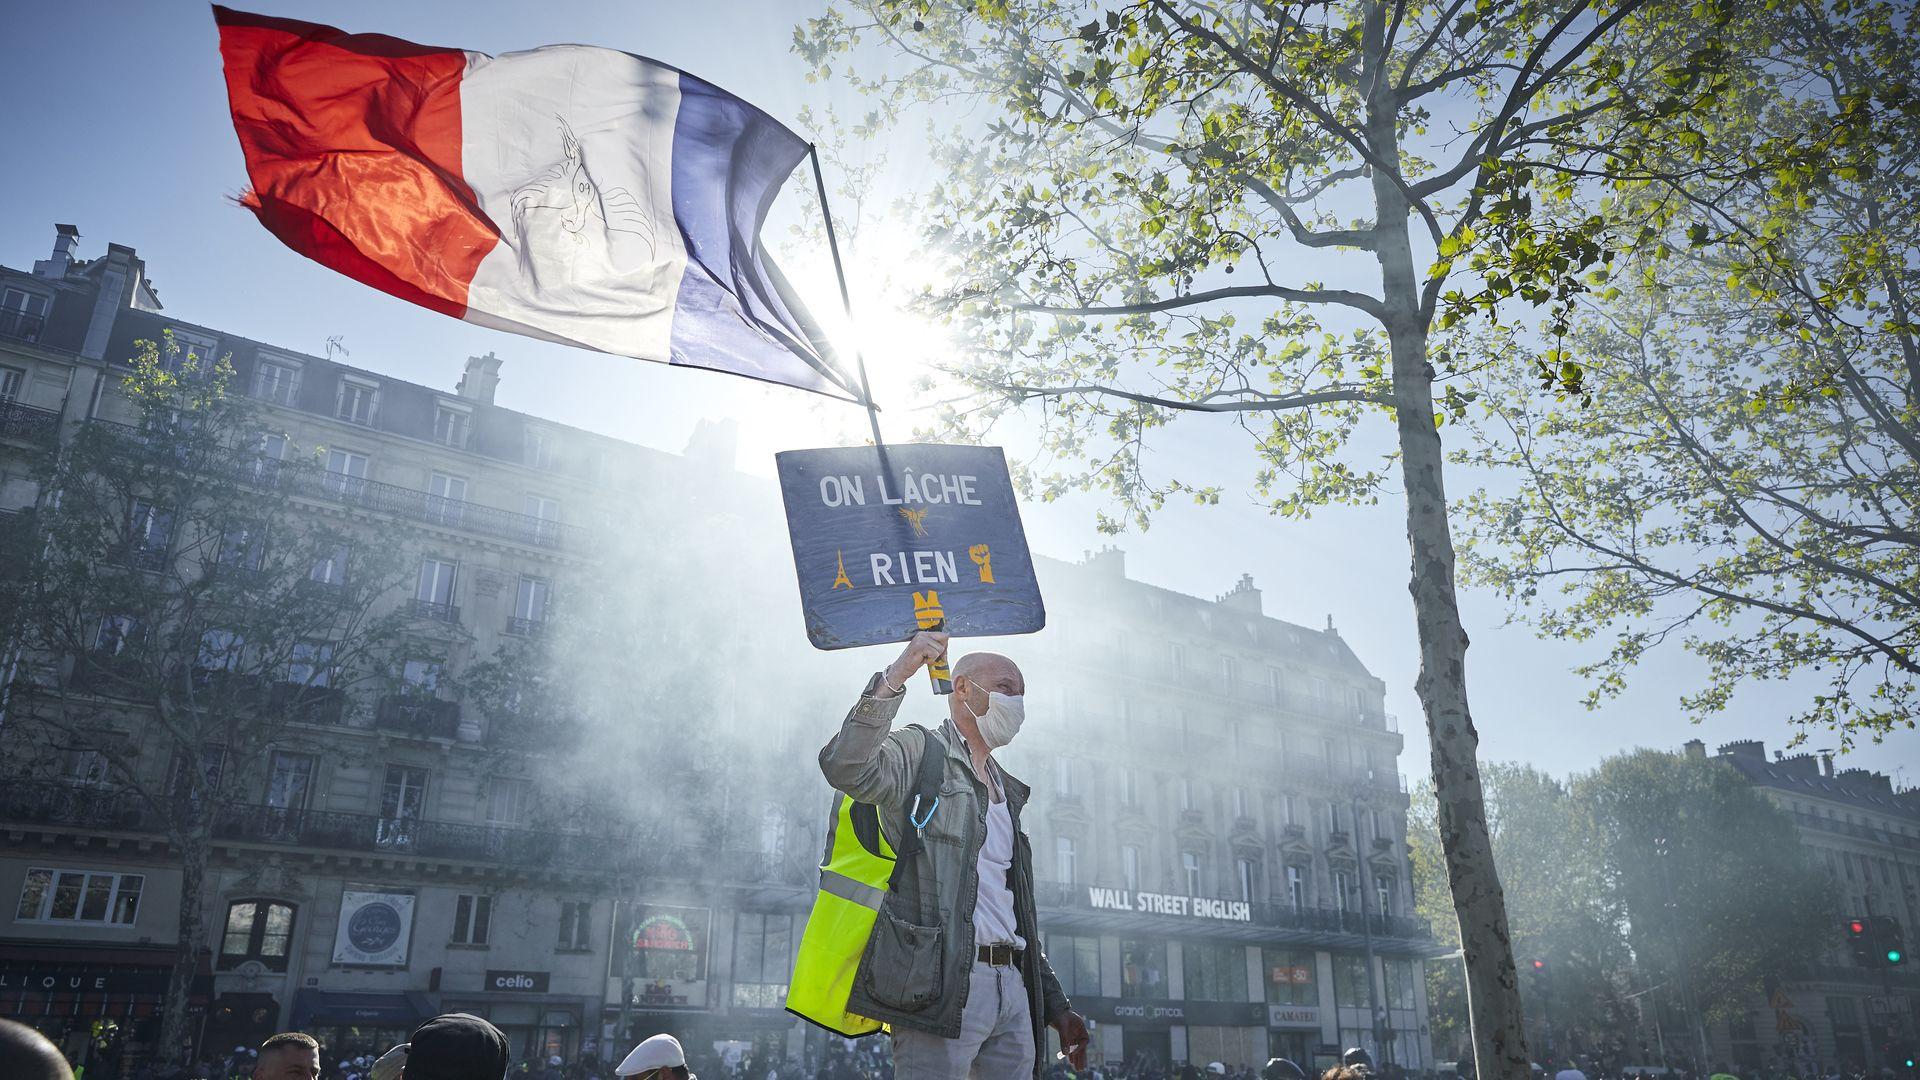 Man protesting in Paris against economic inequality